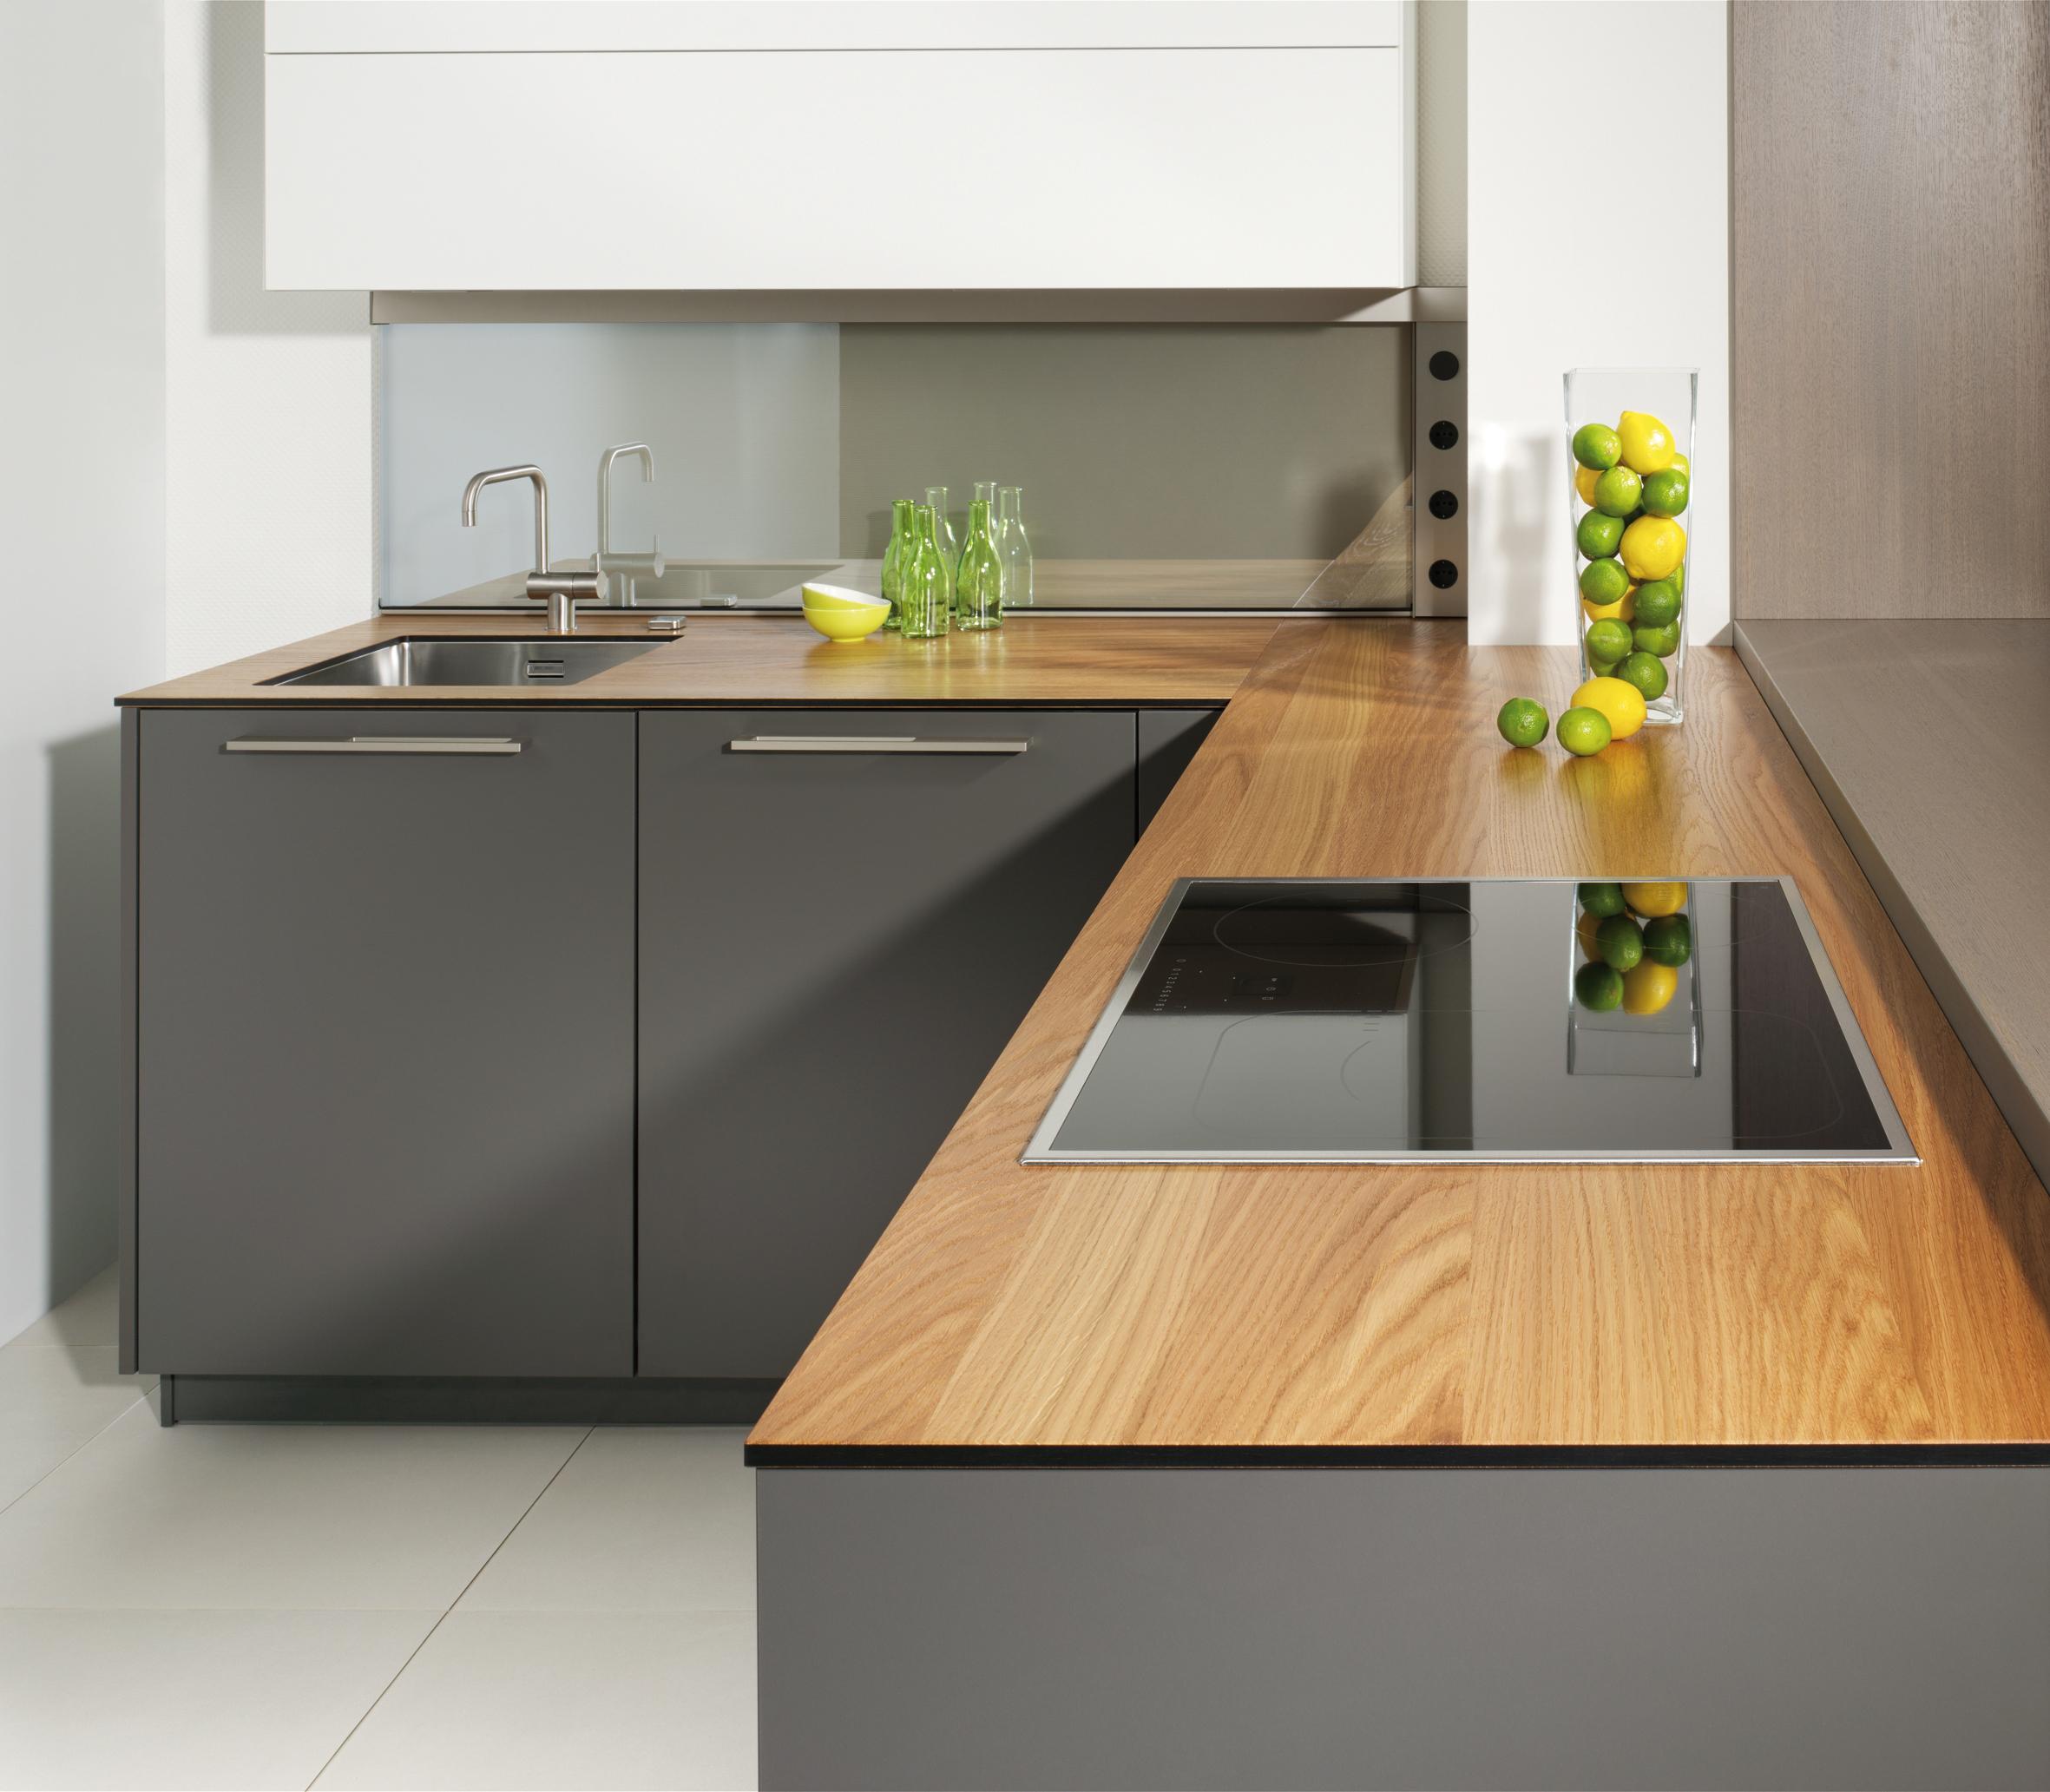 Full Size of Nolte Arbeitsplatte Java Schiefer Küche Sideboard Mit Arbeitsplatten Wohnzimmer Java Schiefer Arbeitsplatte